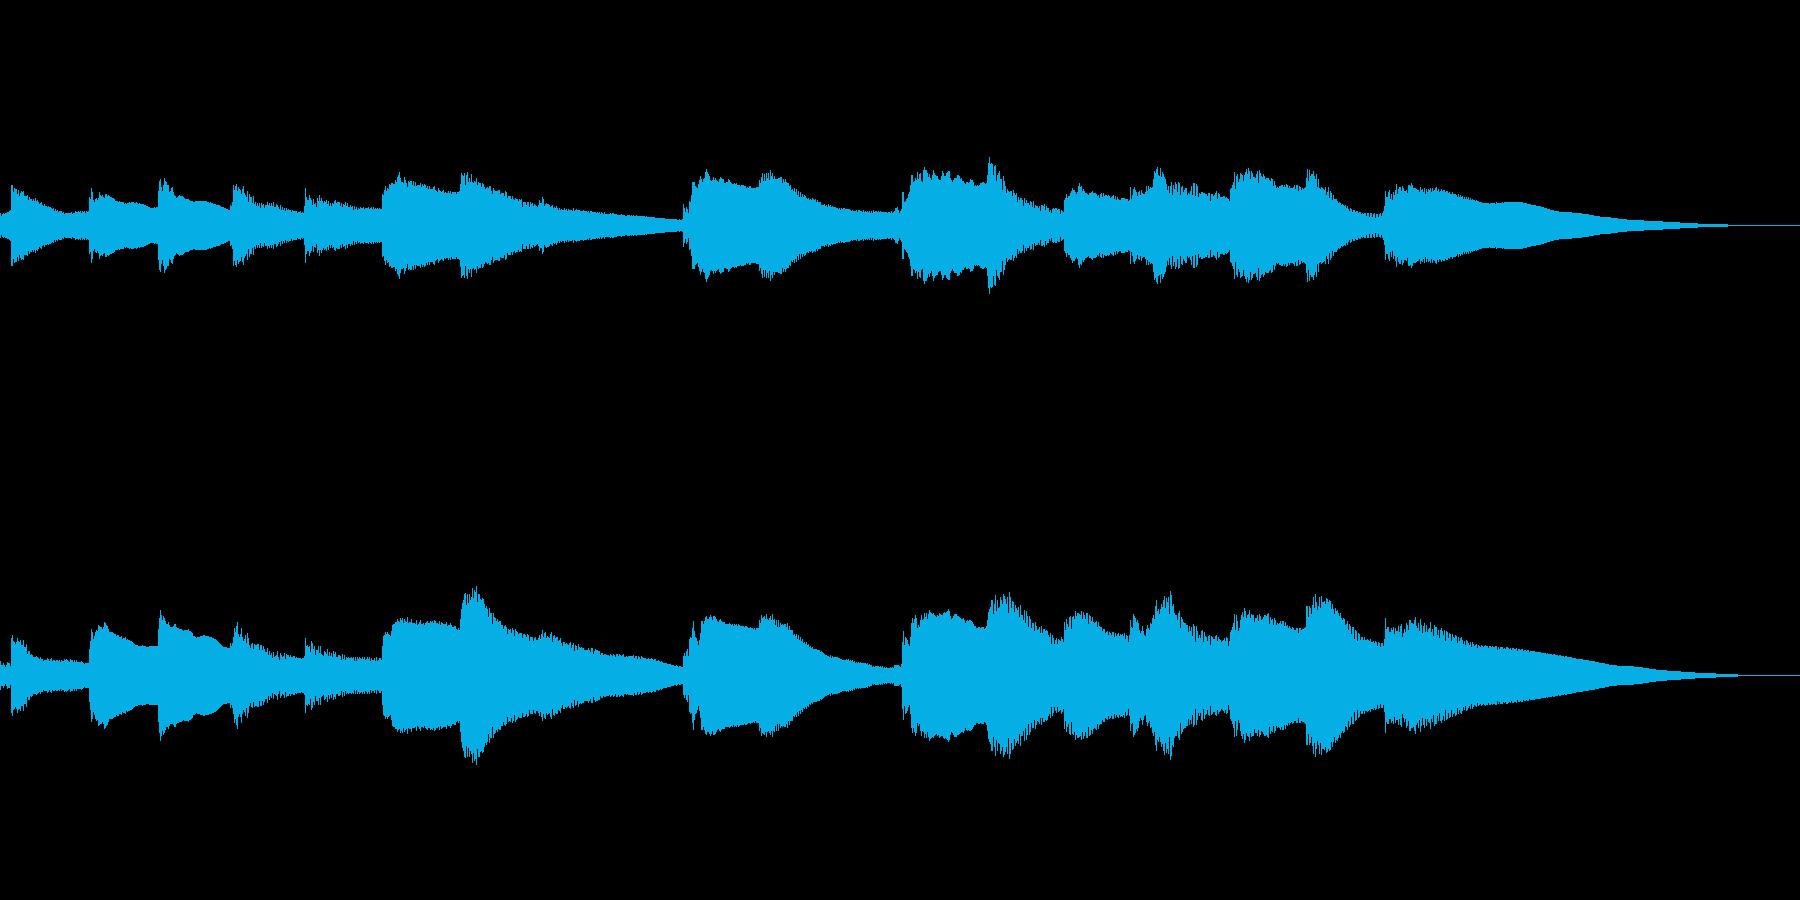 ゆったりとするジングル風BGMの再生済みの波形